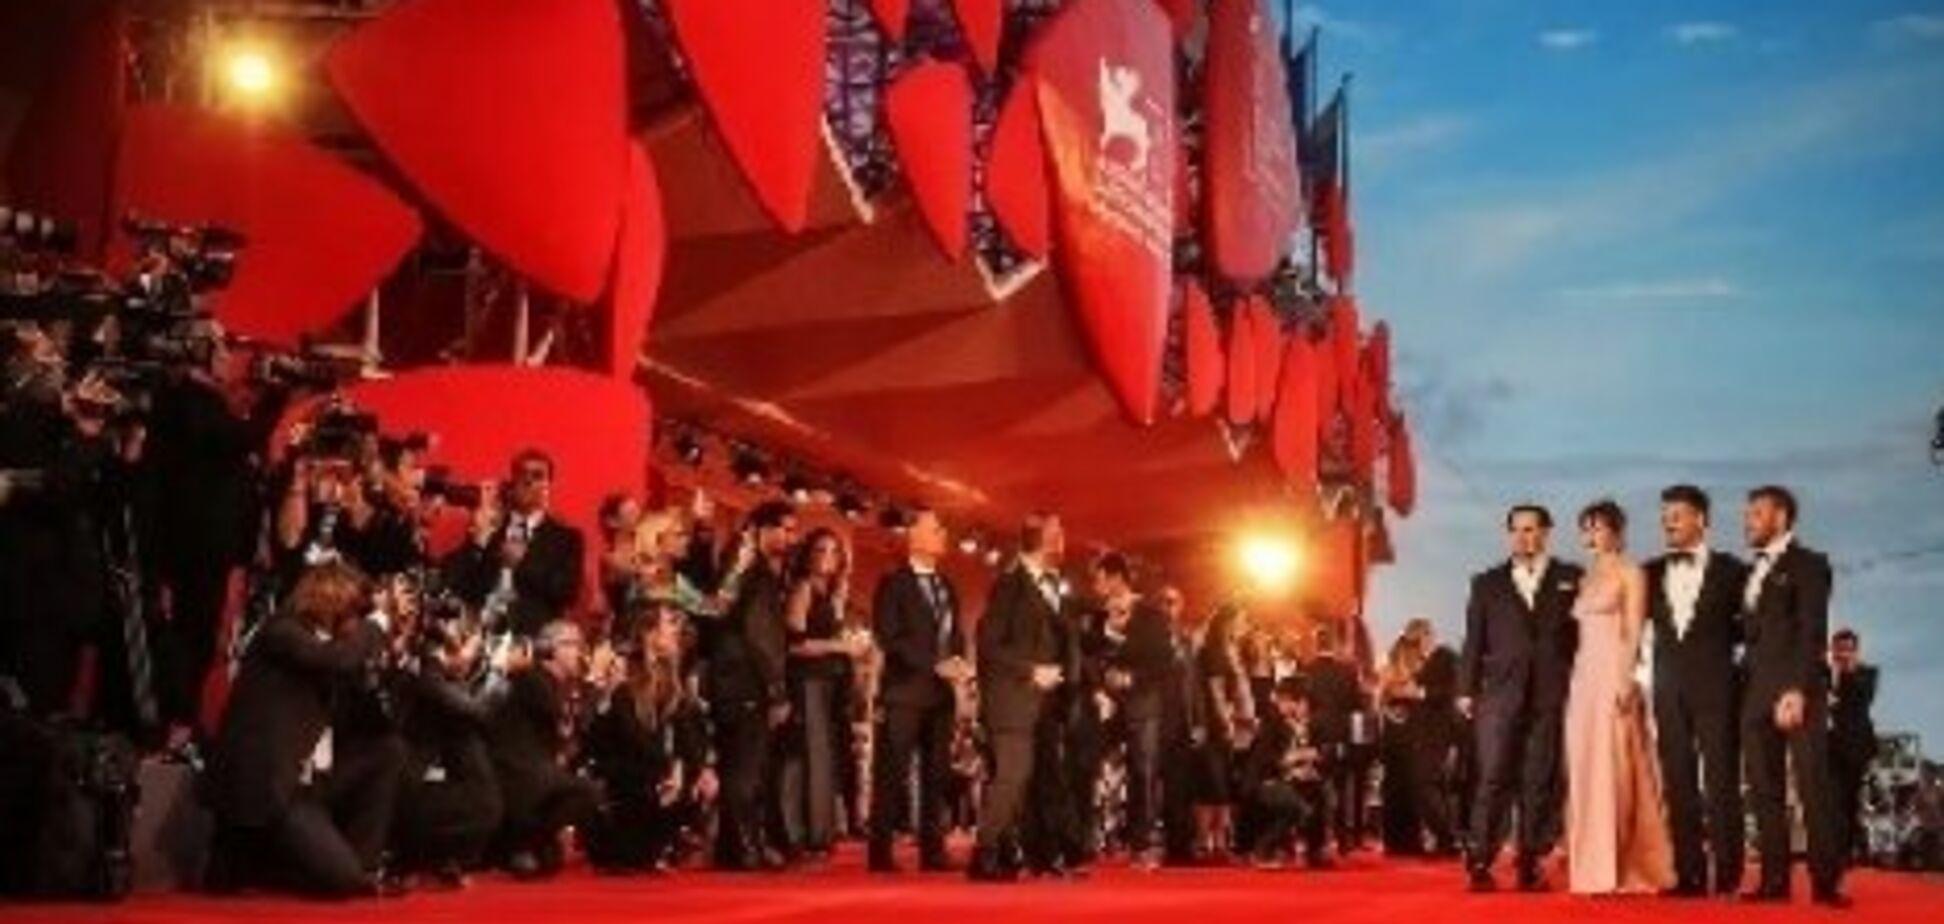 Український фільм про перемогу над Росією покажуть на Венеціанському фестивалі: у чому суть